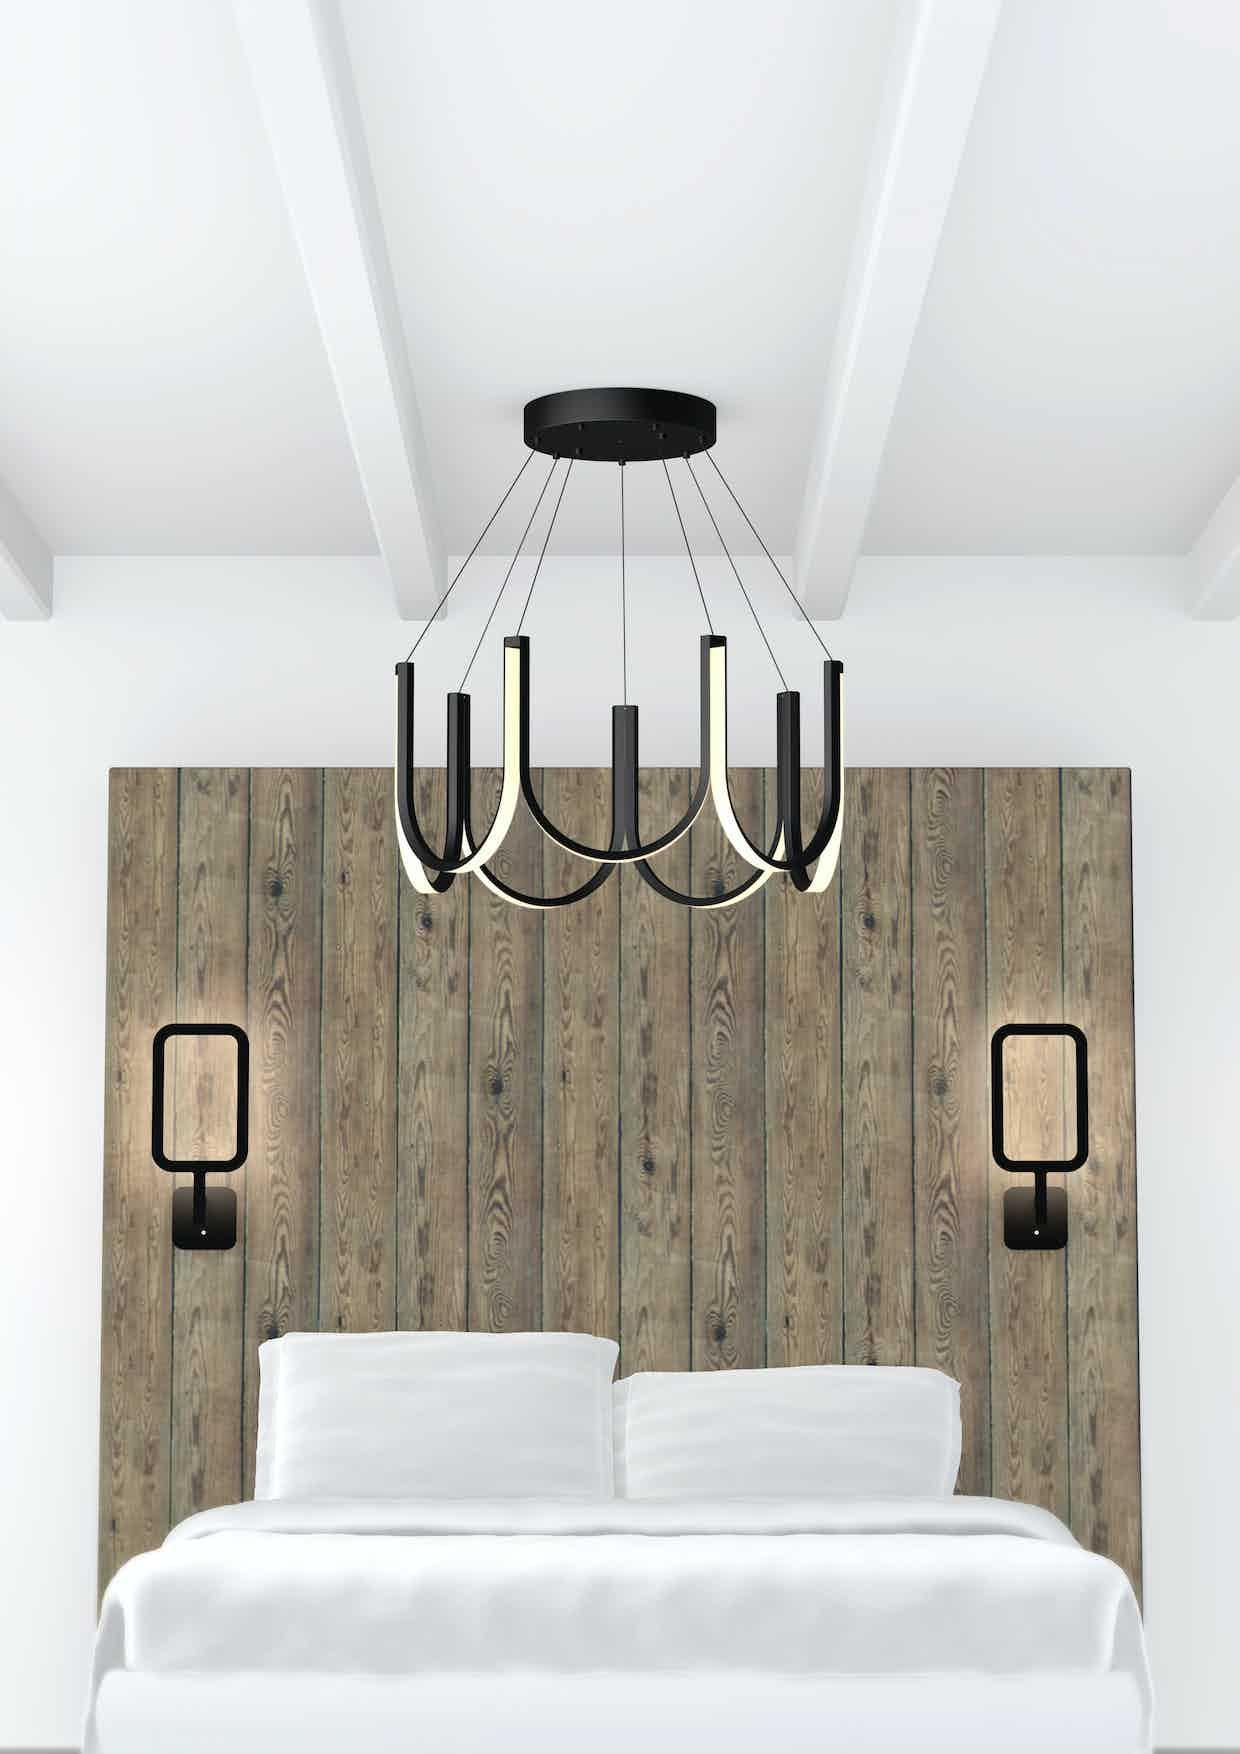 Arpel lighting u series at haute living chicago